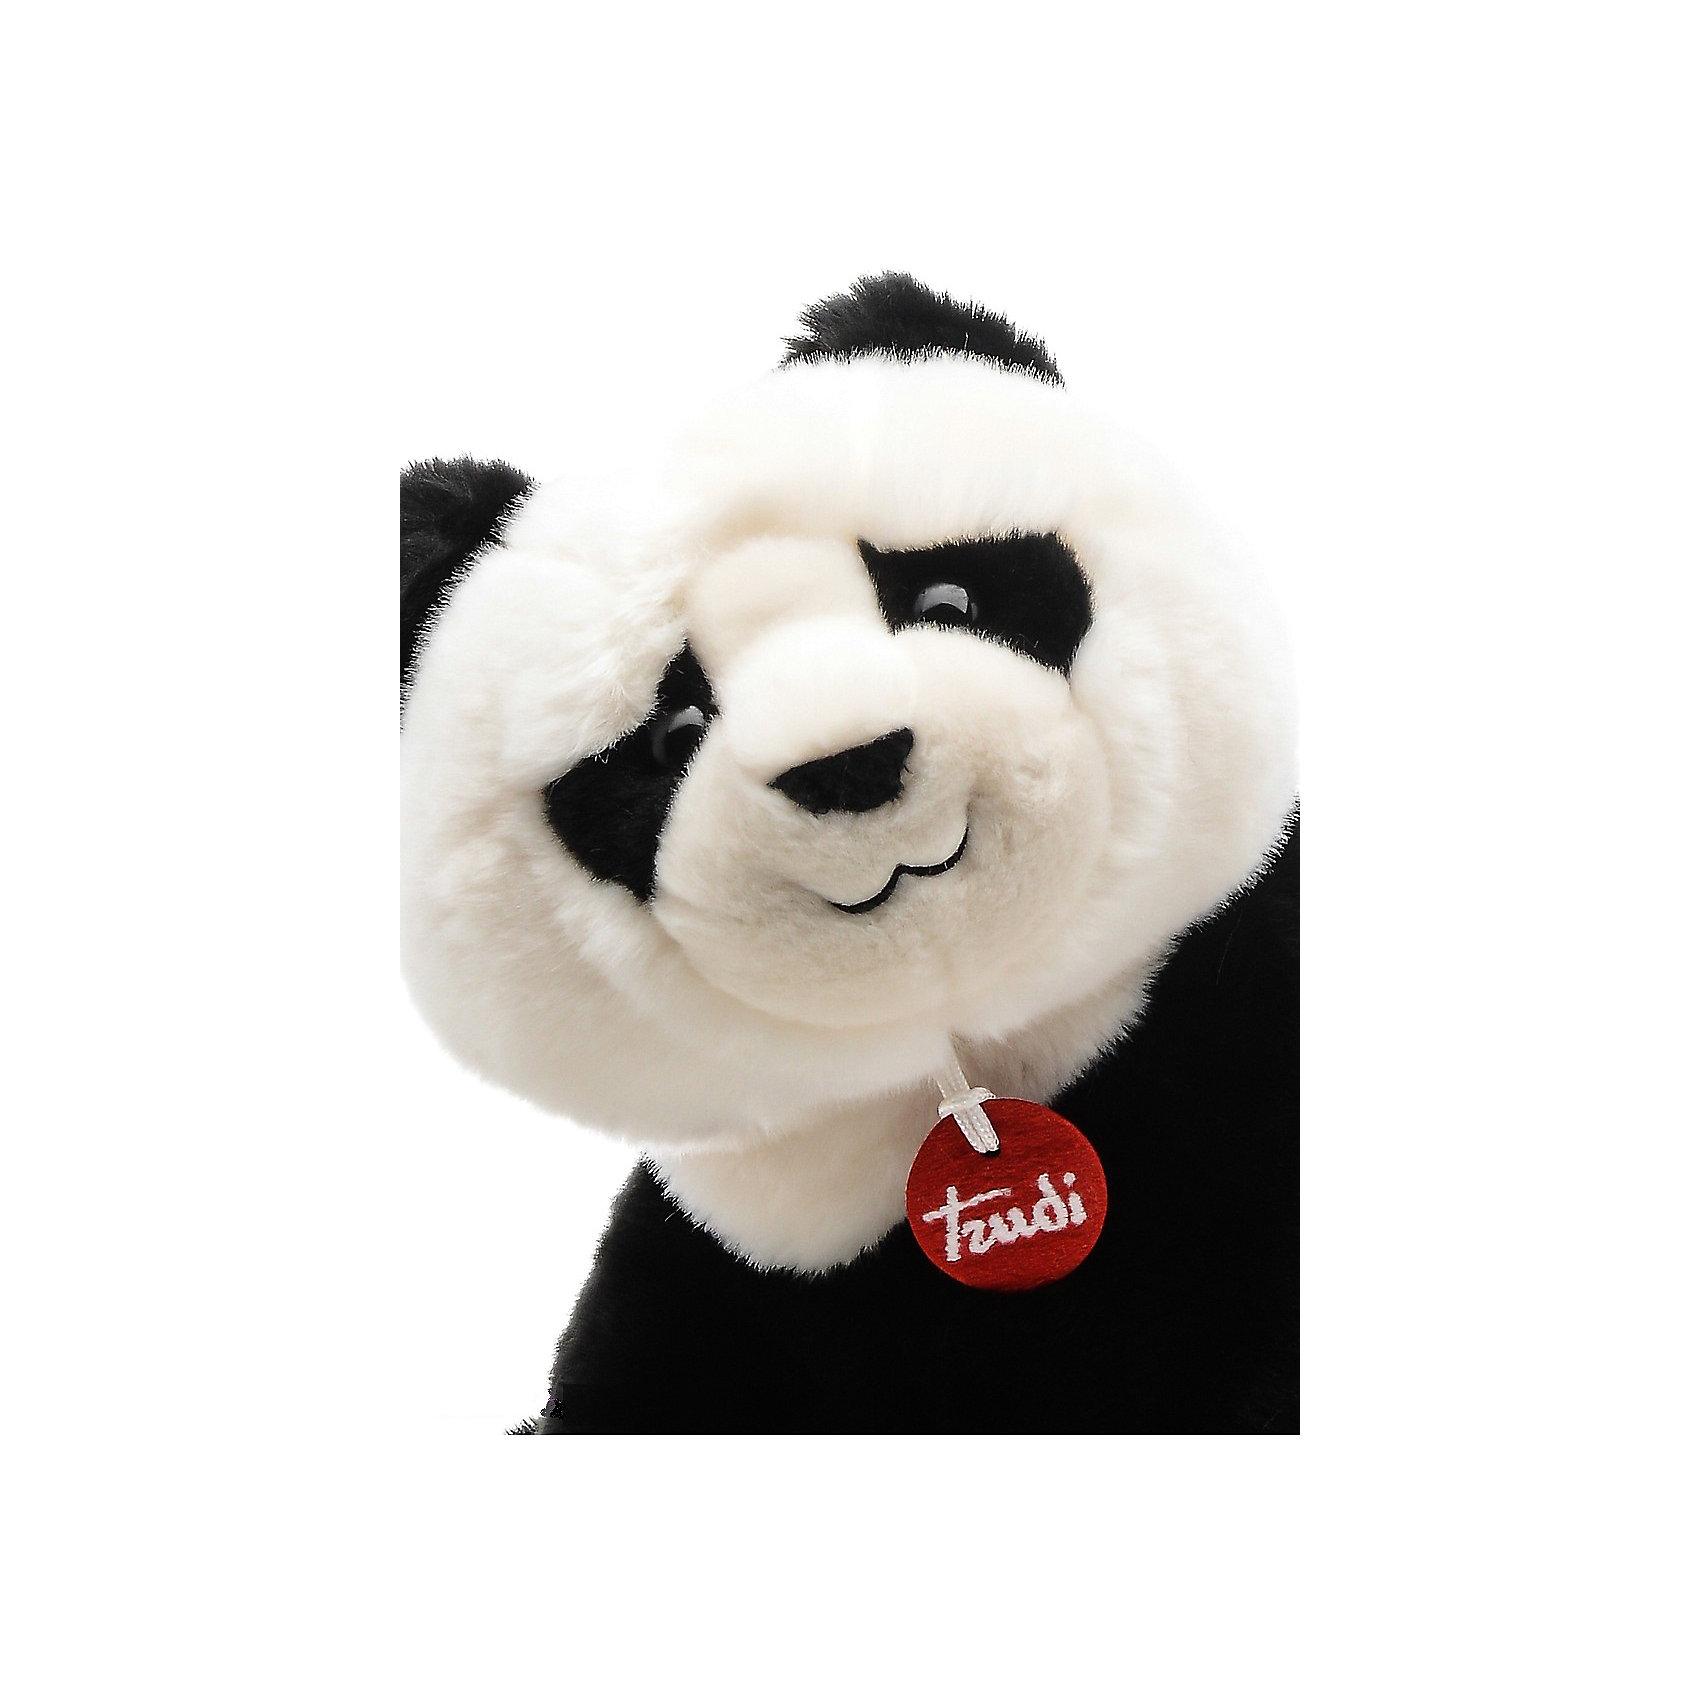 Панда Кевин, 34 см, сидячая, TrudiМедвежата<br>Характеристики товара:<br><br>• возраст от 1 года;<br>• материал: искусственный мех, пластик;<br>• высота игрушки 34 см;<br>• размер упаковки 22х20х29 см;<br>• вес упаковки 300 гр.;<br>• страна производитель Индонезия.<br><br>Панда сидячая Кевин Trudi — мягкая игрушка для детей от 1 года, с которой можно поиграть или взять ее с собой в кроватку. Панда выполнена из мягкого материала, ее приятно обнимать. У Кевина добрые глазки и черно-белый окрас. Игрушку можно стирать в стиральной машине при температуре 30 градусов. Изготовлена из качественного безвредного материала.<br><br>Панду сидячую Кевин Trudi можно приобрести в нашем интернет-магазине.<br><br>Ширина мм: 220<br>Глубина мм: 200<br>Высота мм: 290<br>Вес г: 300<br>Возраст от месяцев: 12<br>Возраст до месяцев: 2147483647<br>Пол: Унисекс<br>Возраст: Детский<br>SKU: 5578408